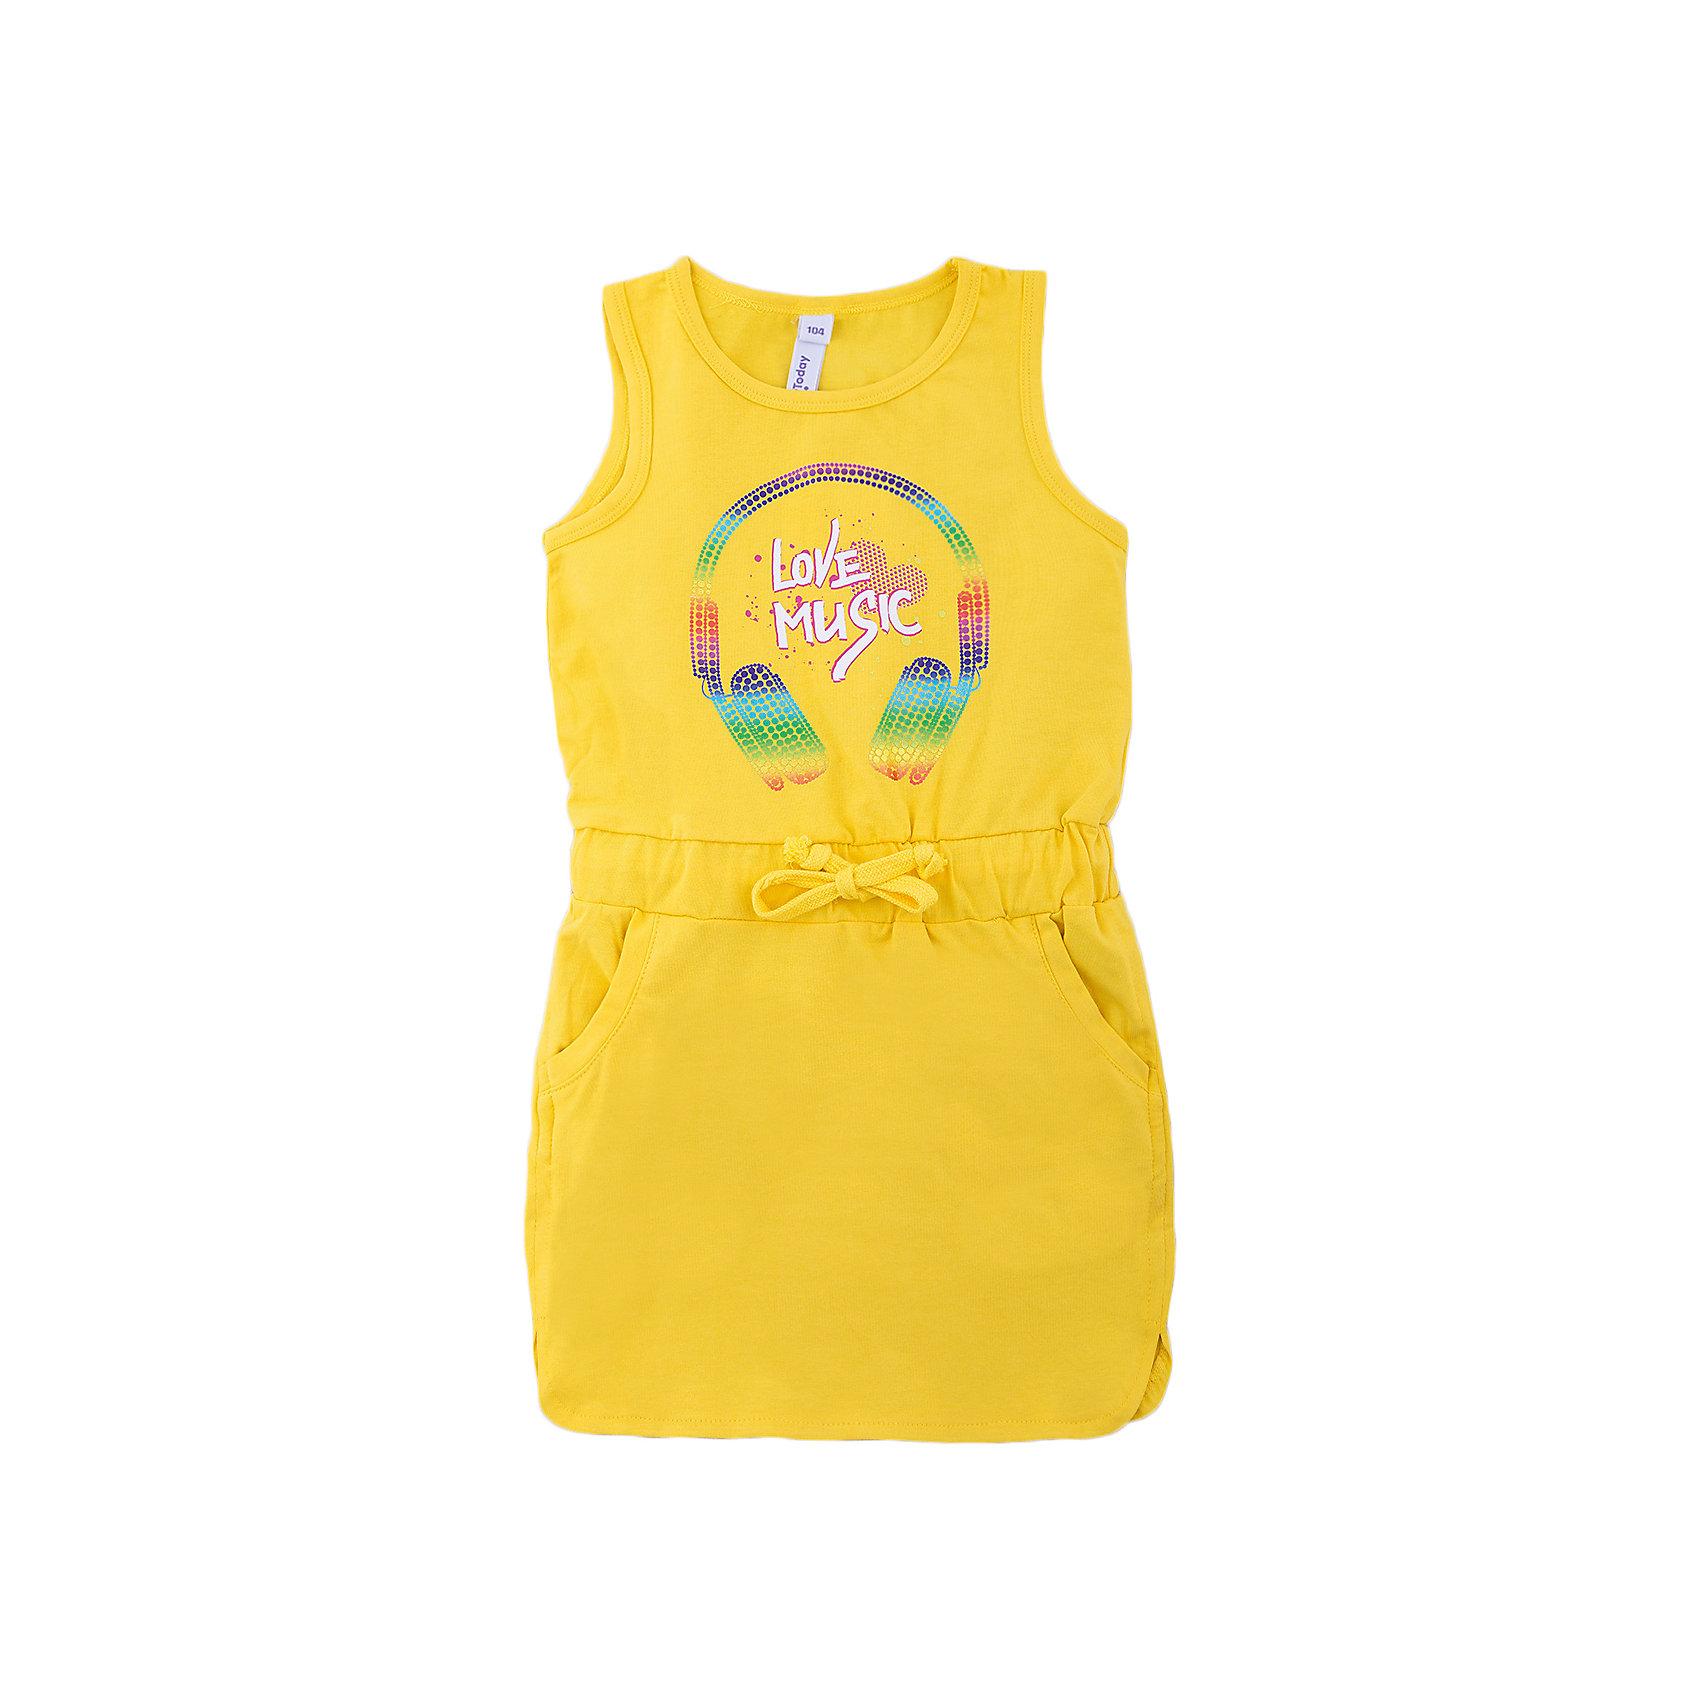 Платье для девочки PlayTodayПлатья и сарафаны<br>Платье для девочки PlayToday<br>Платье с округлым вырезом у горловины, понравится Вашей моднице.  Свободный крой не сковывает движений. Приятная на ощупь ткань не раздражает нежную кожу ребенка. Модель на талии с регулируемым шнуром - кулиской.Преимущества: Мягкая ткань не вызывает раздраженийСвободный крой не сковывает движений ребенкаМодель на талии с регулируемым шнуром - кулиской<br>Состав:<br>95% хлопок, 5% эластан<br><br>Ширина мм: 236<br>Глубина мм: 16<br>Высота мм: 184<br>Вес г: 177<br>Цвет: разноцветный<br>Возраст от месяцев: 72<br>Возраст до месяцев: 84<br>Пол: Женский<br>Возраст: Детский<br>Размер: 128,134,140,104,98,110,116,122<br>SKU: 5404884